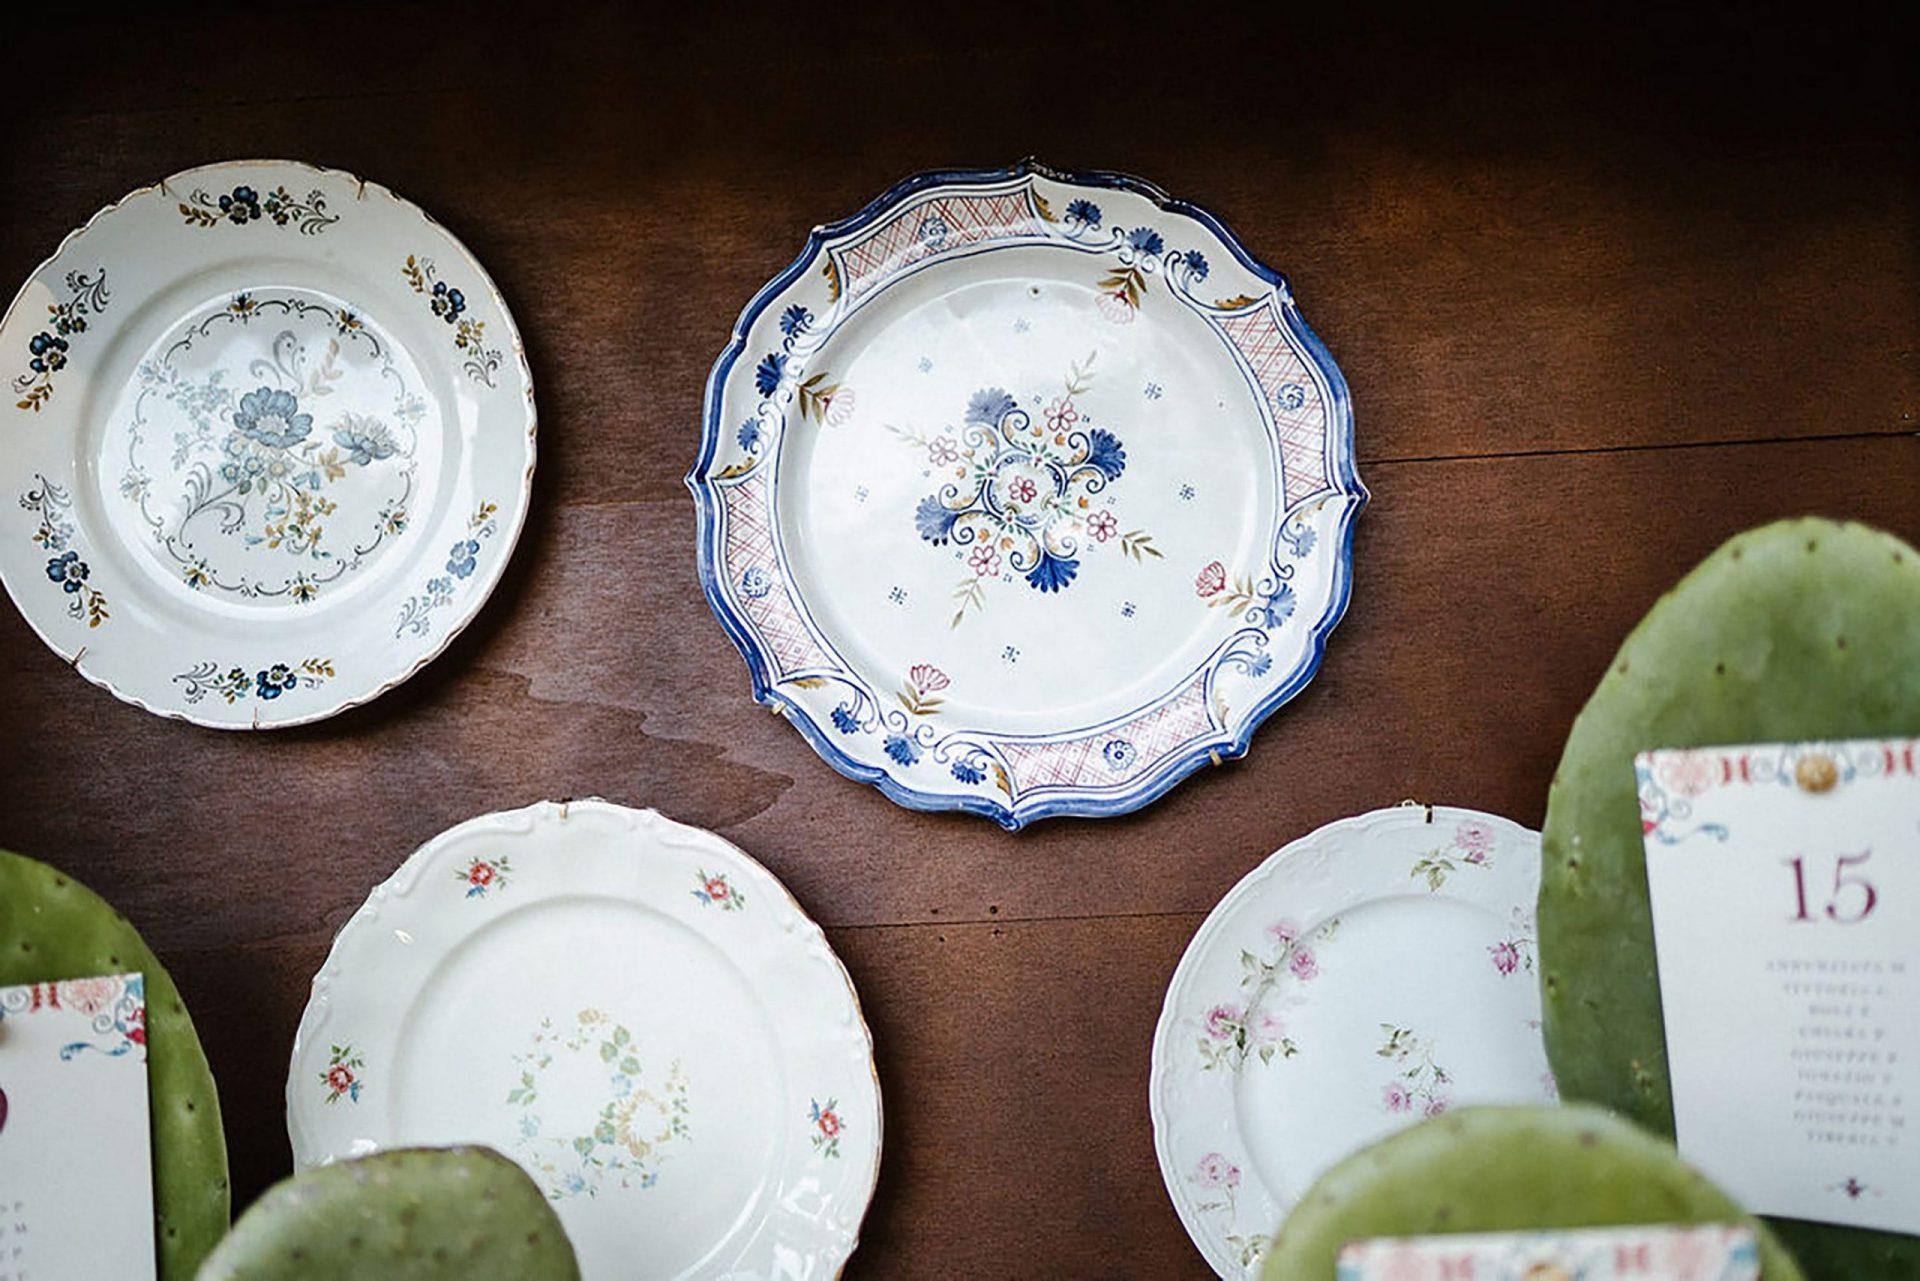 Marianna & Matteo, vintage plates